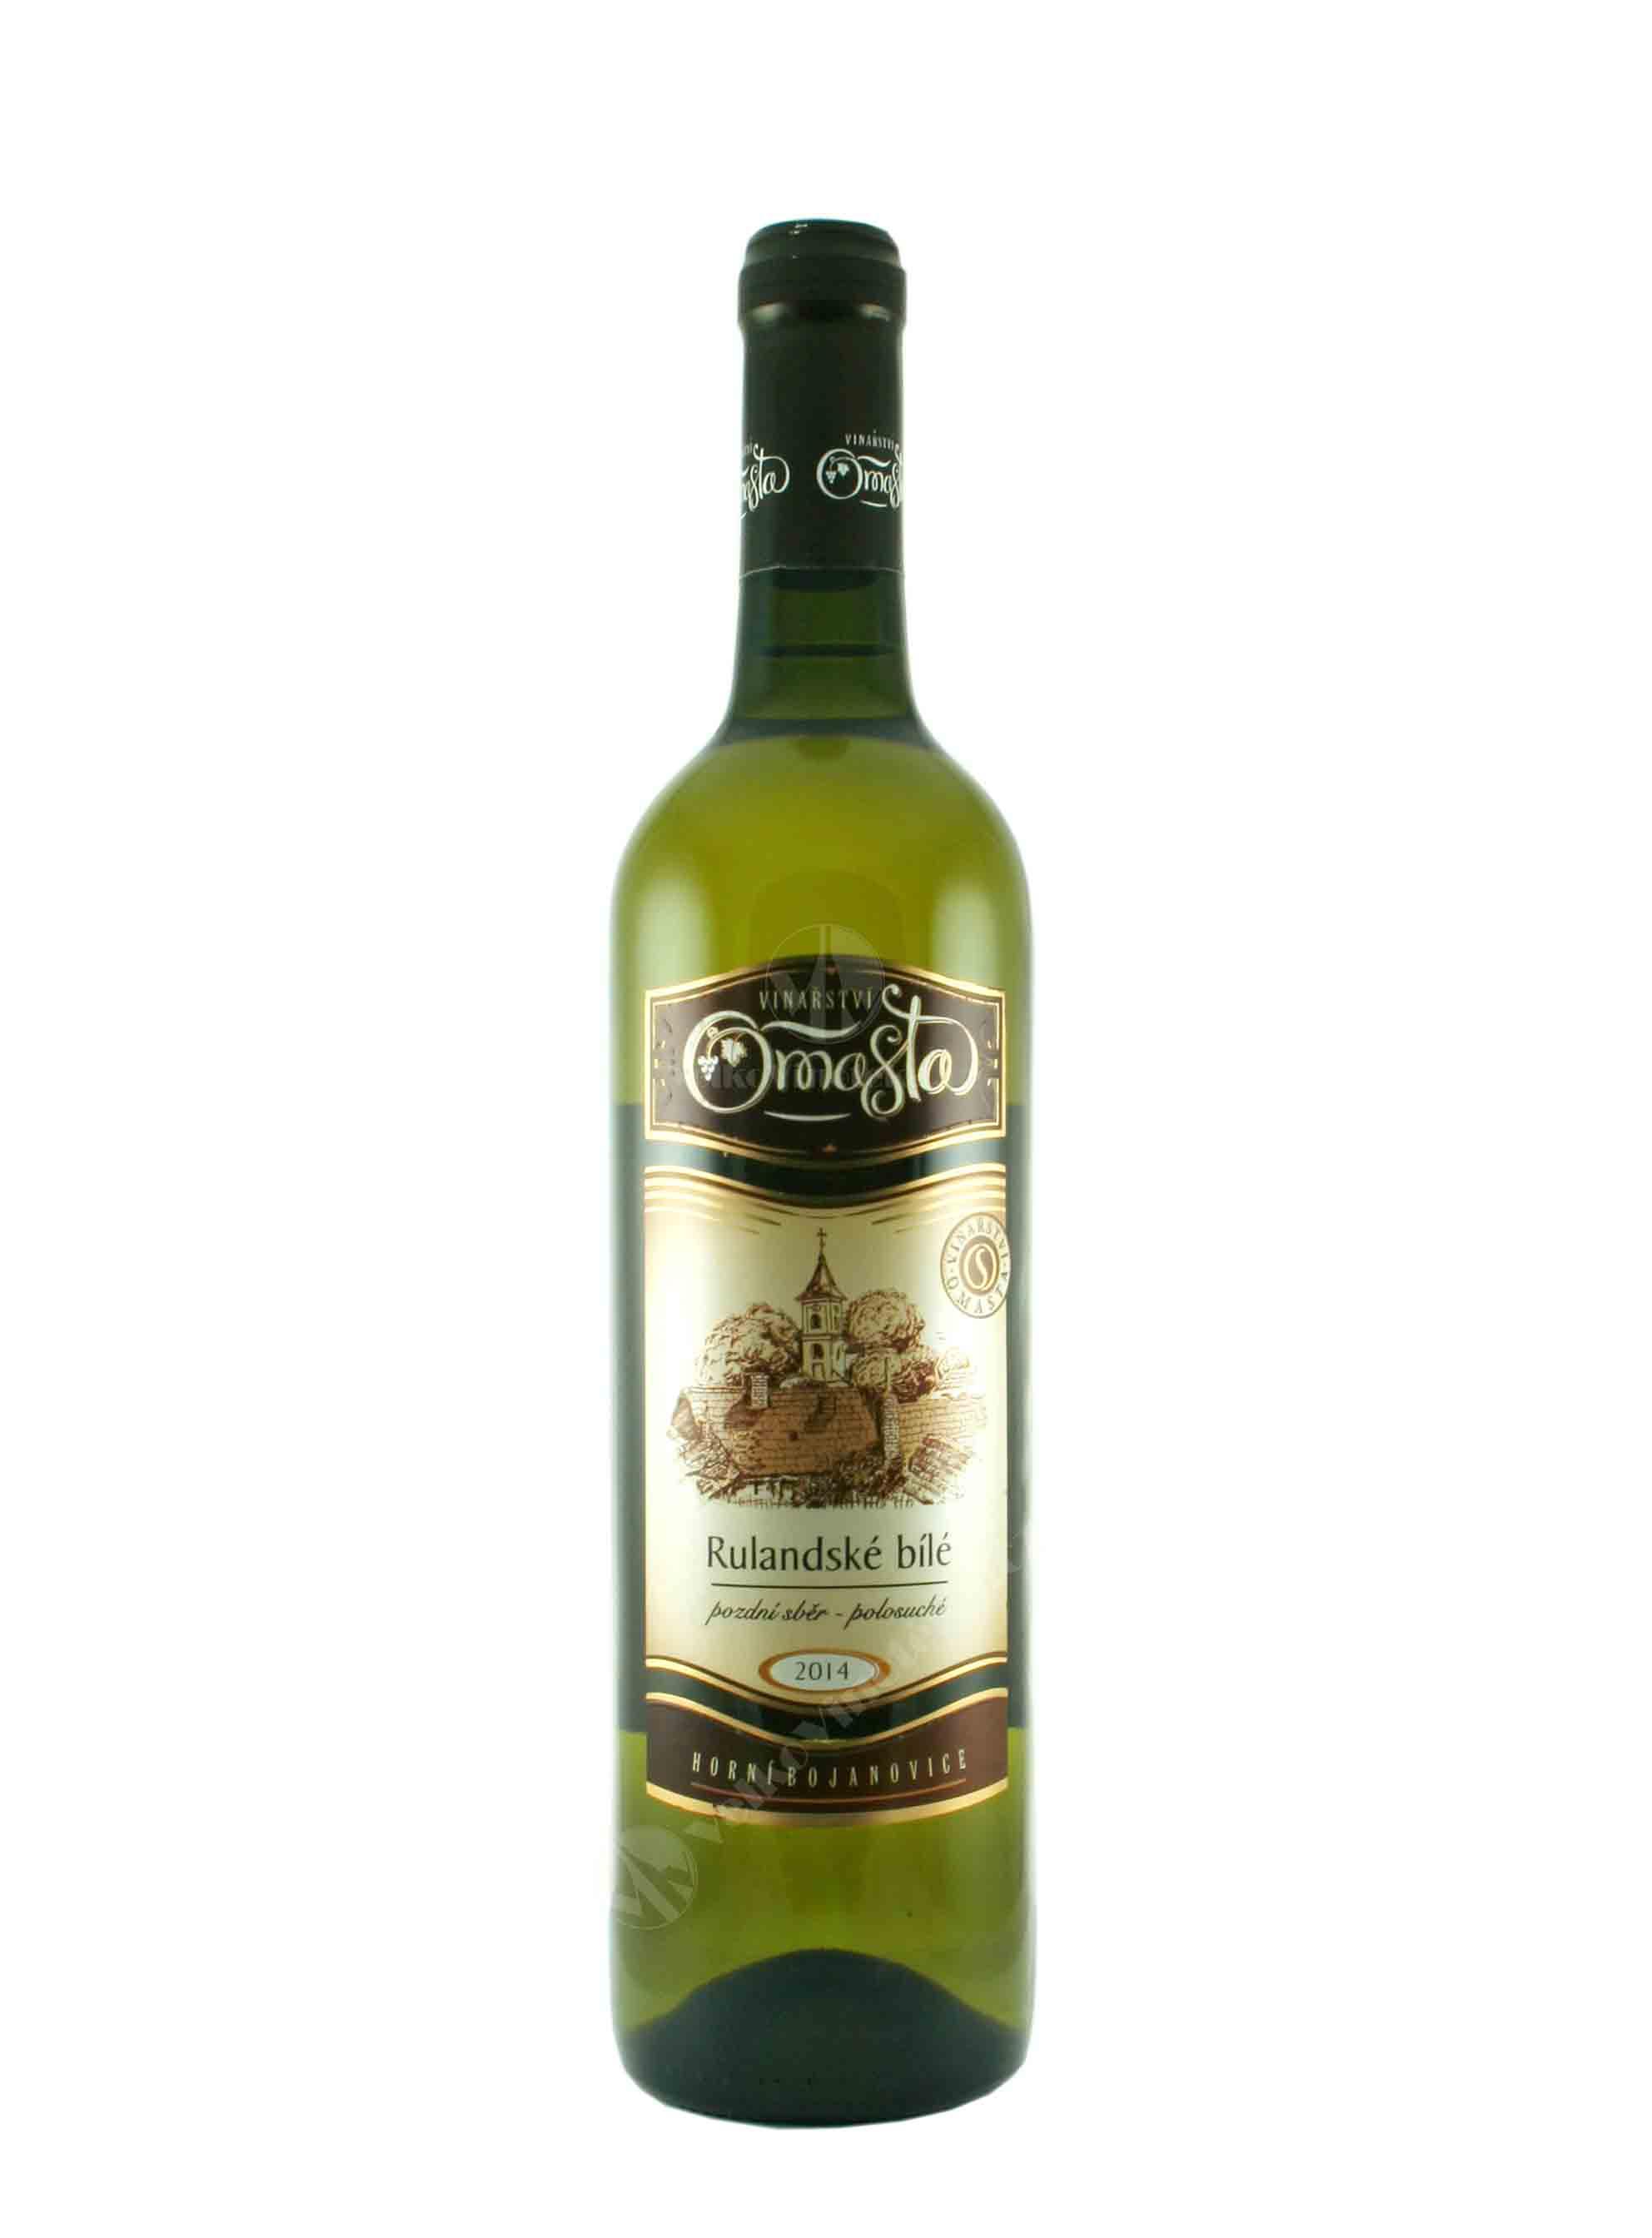 Rulandské bílé, Pozdní sběr, 2014, Vinařství Omasta, 0.75 l